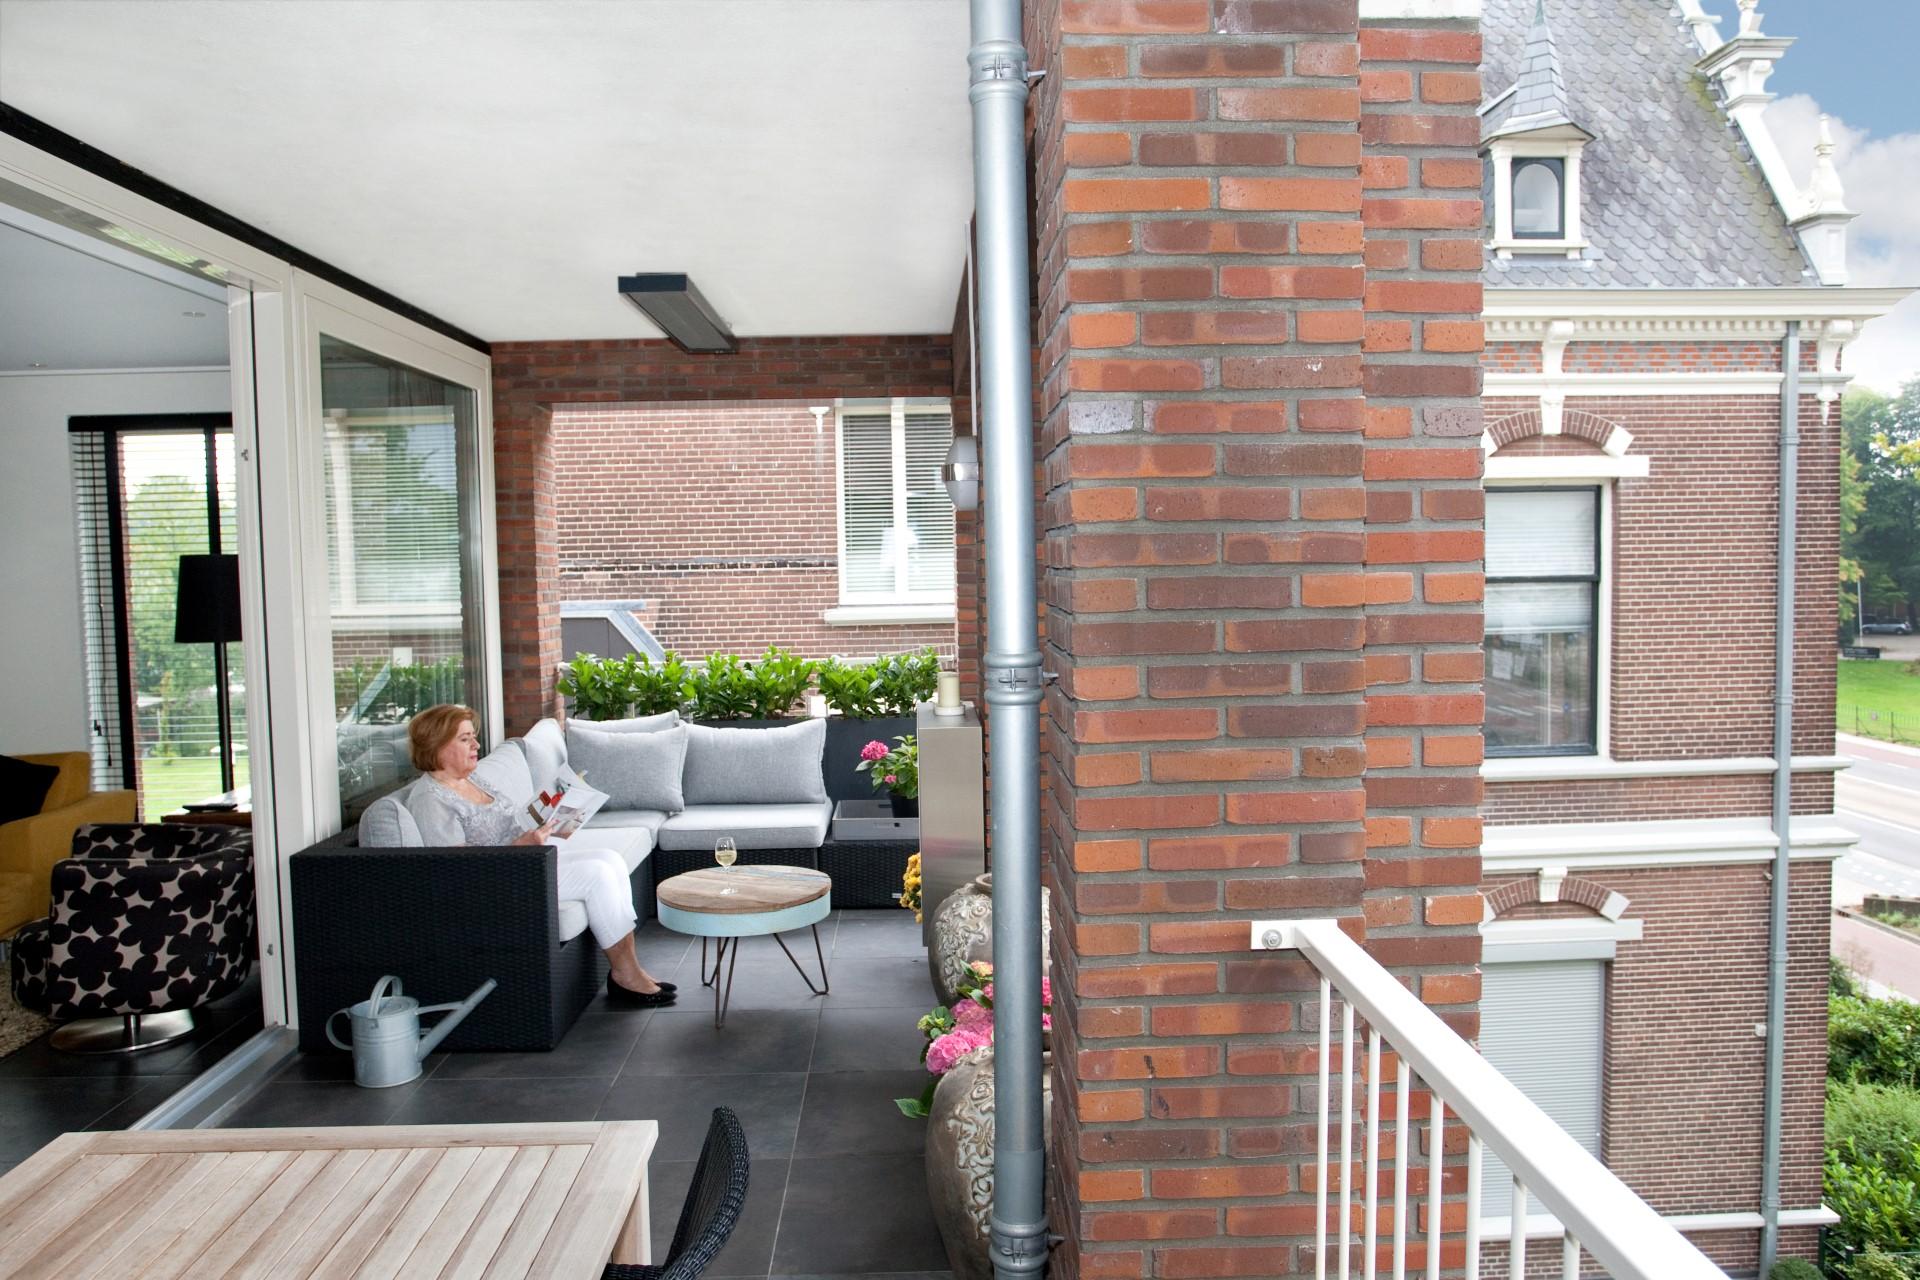 Mijn balkon is geen balkon, maar een verlenging van de woonkamer (Ans)